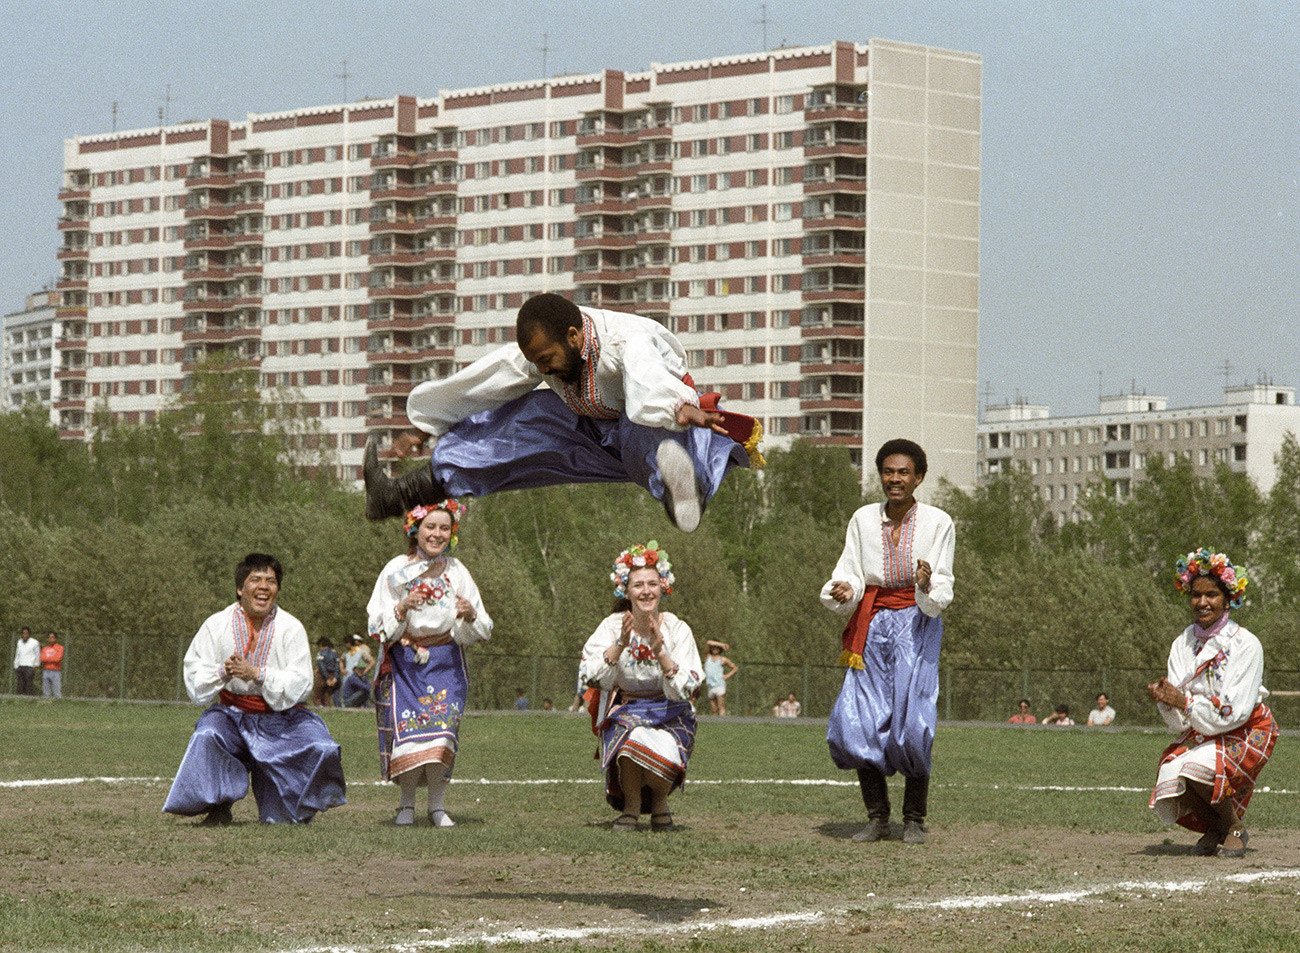 Universitários da UDN apresentando dança ucraniana